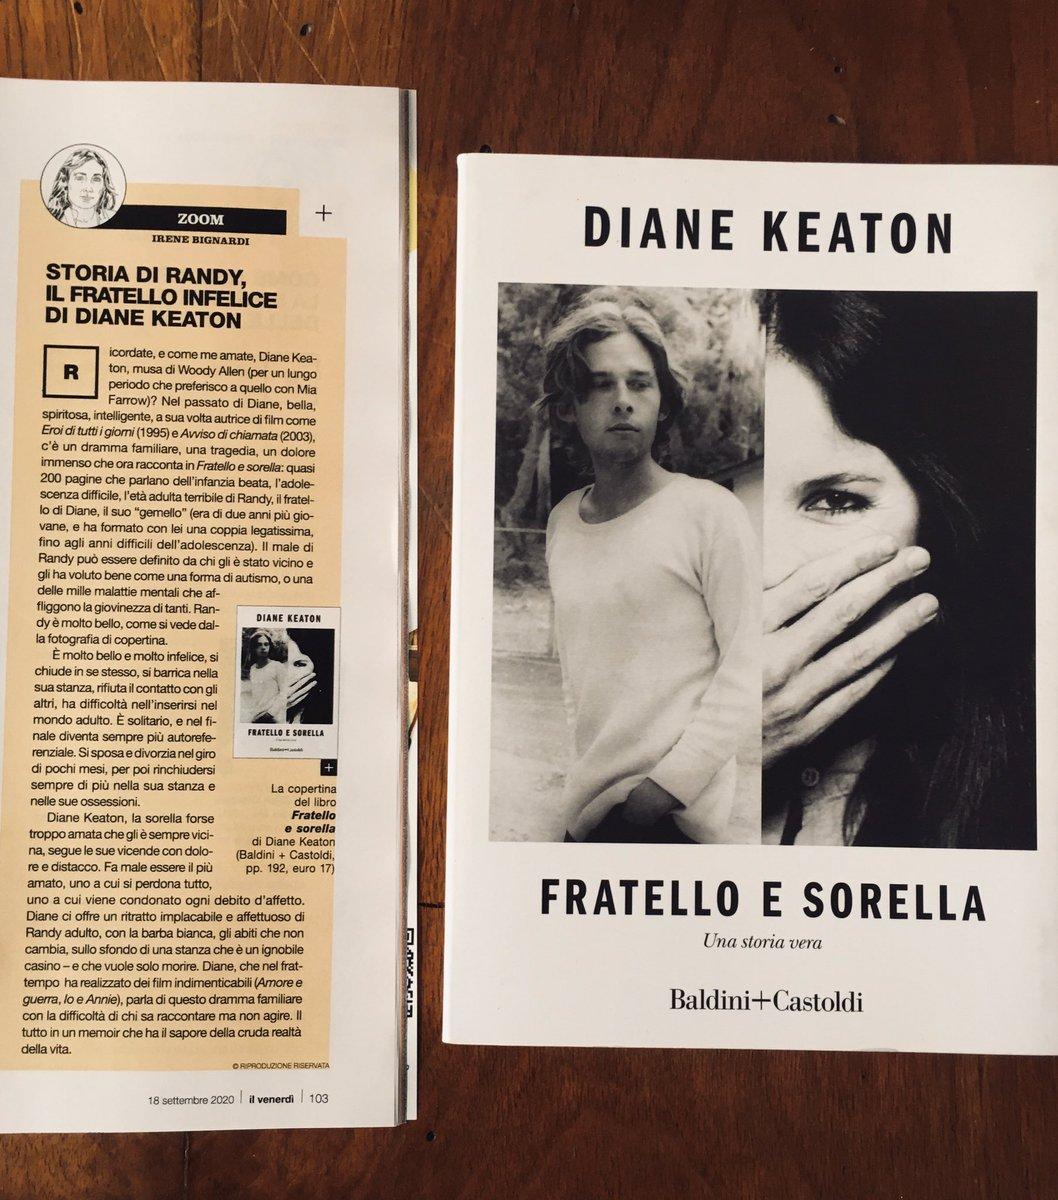 Ricordate, e come me amate, #DianeKeaton, musa di #WoodyAllen? Nel passato di Diane, bella, spiritosa, intelligente, autrice di film come Eroi di tutti i giorni (1995) e Avviso di chiamata (2003), c'è un dramma familiare, un dolore immenso che ora racconta. #Bignardi @CasaLettori https://t.co/d23nD9DBKd